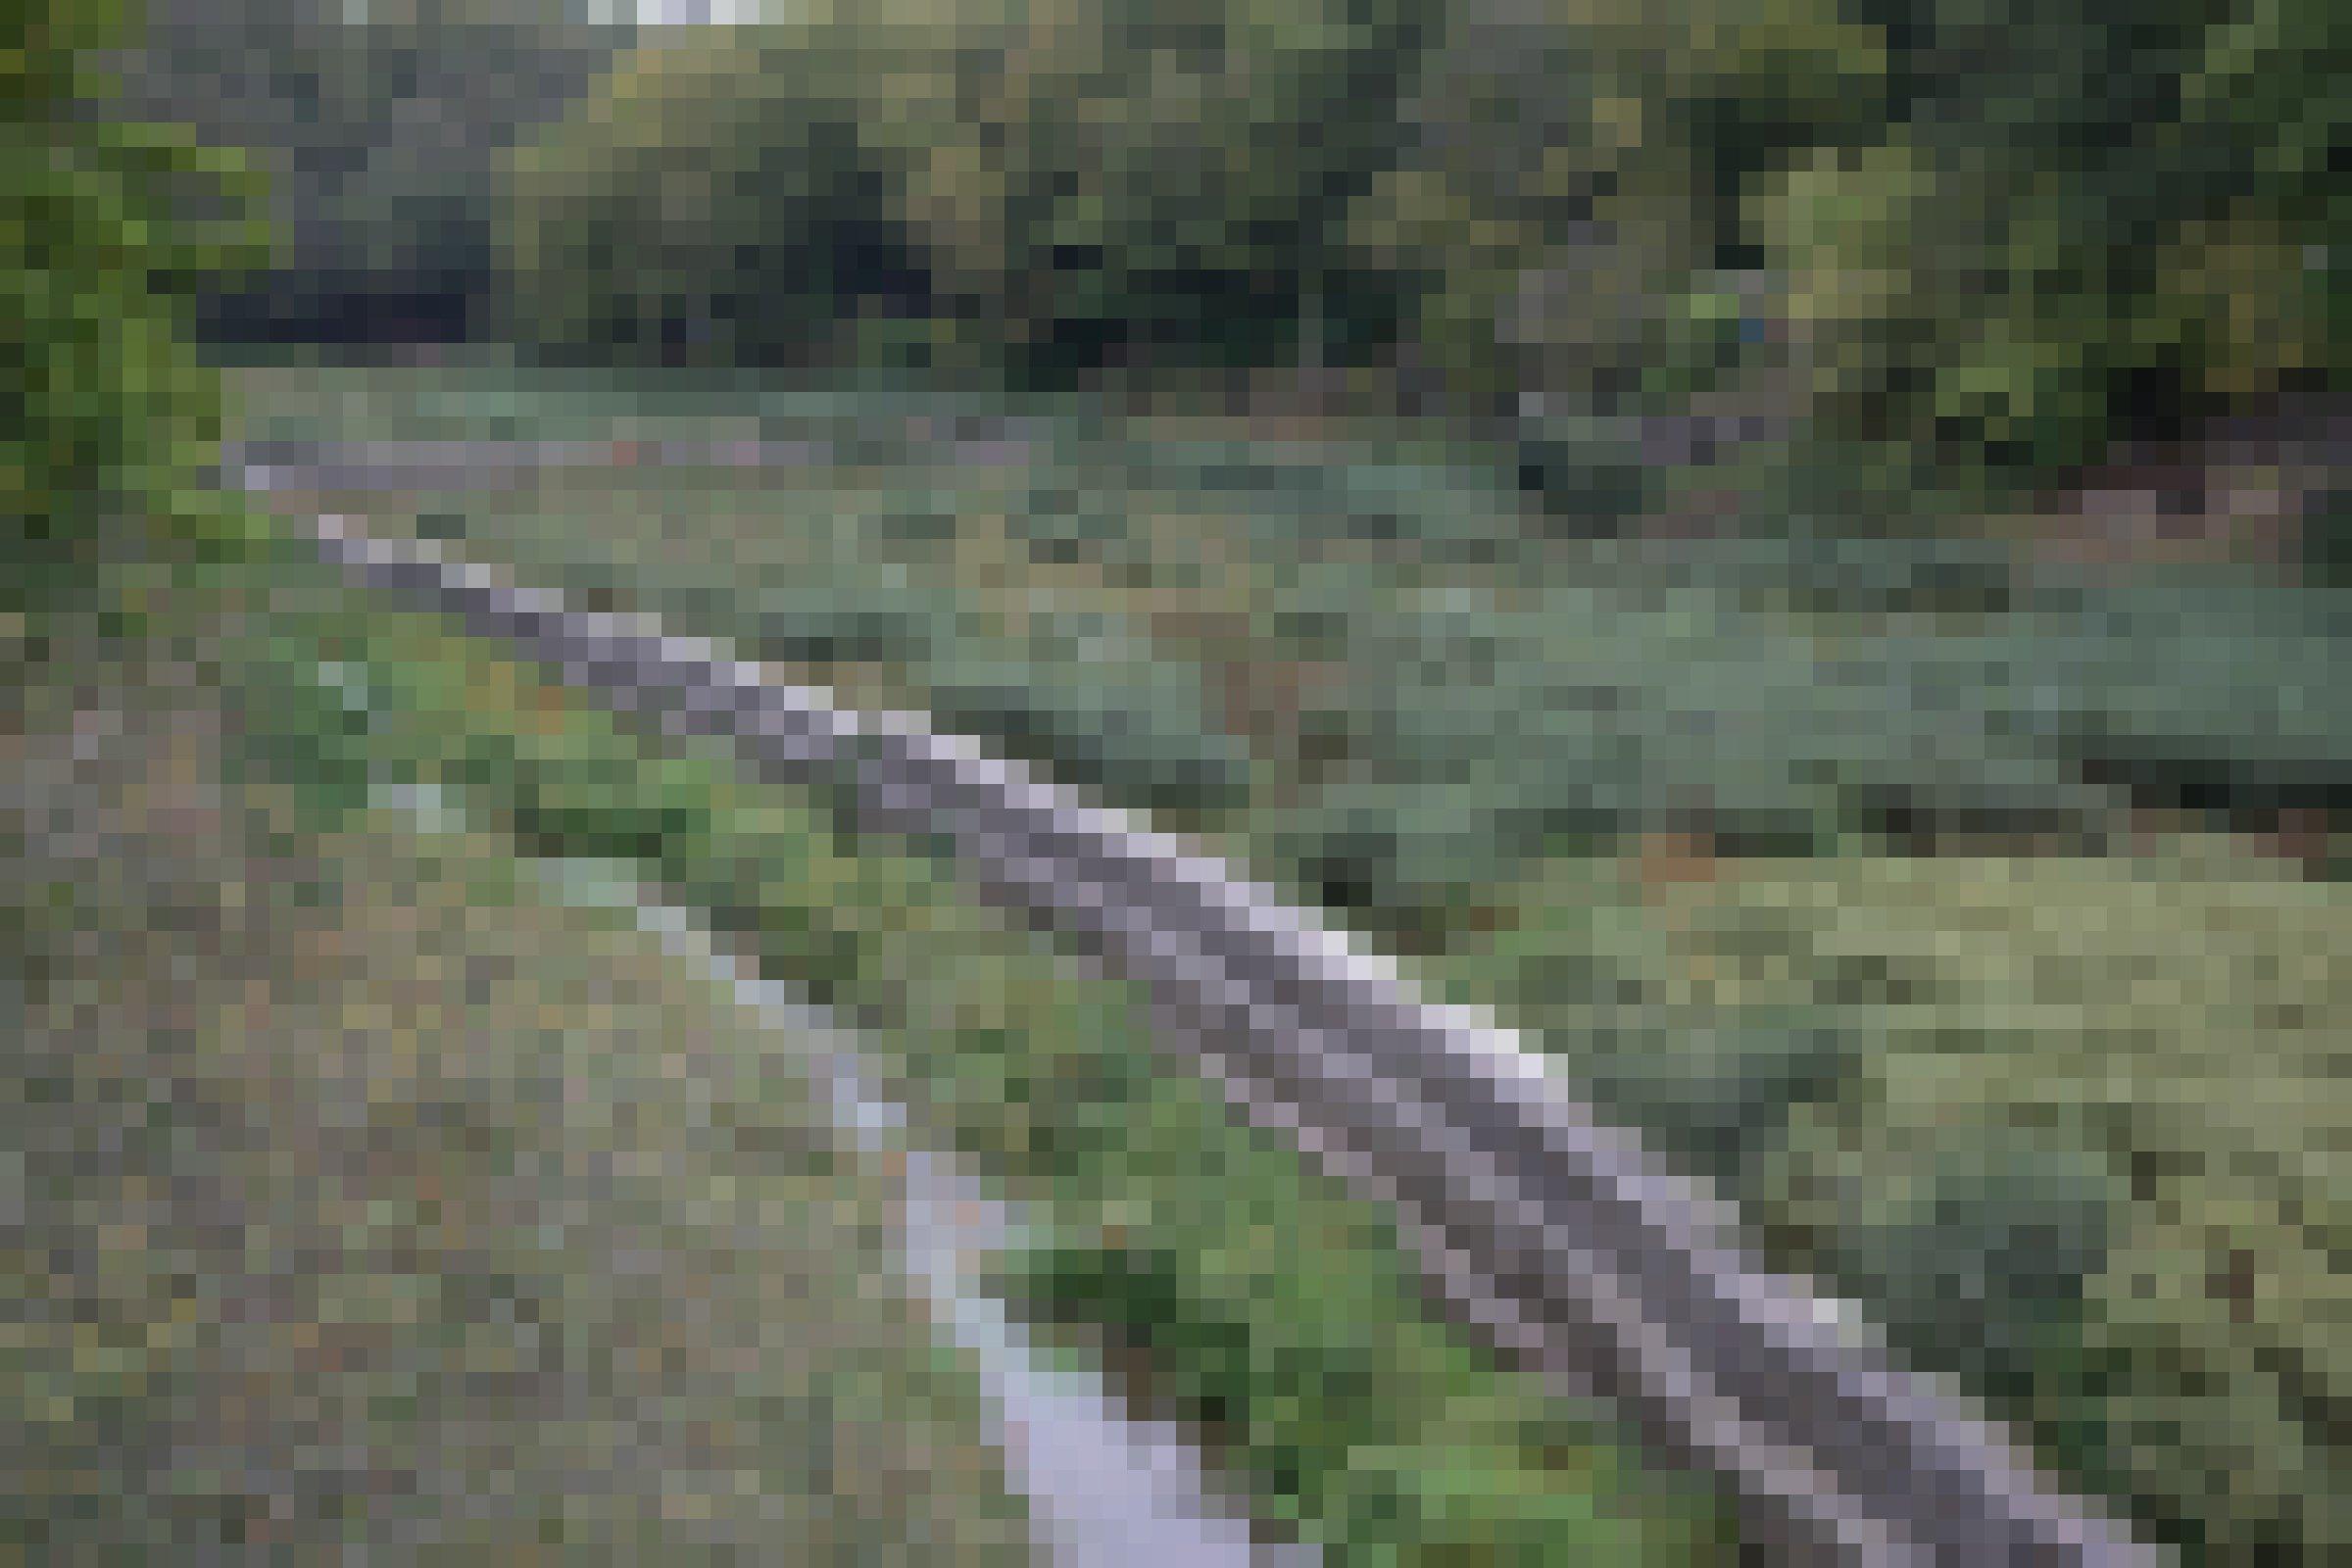 Flussbett mit Pflanzenbewuchs, rechts stehen Metallkäfige mit Steinen